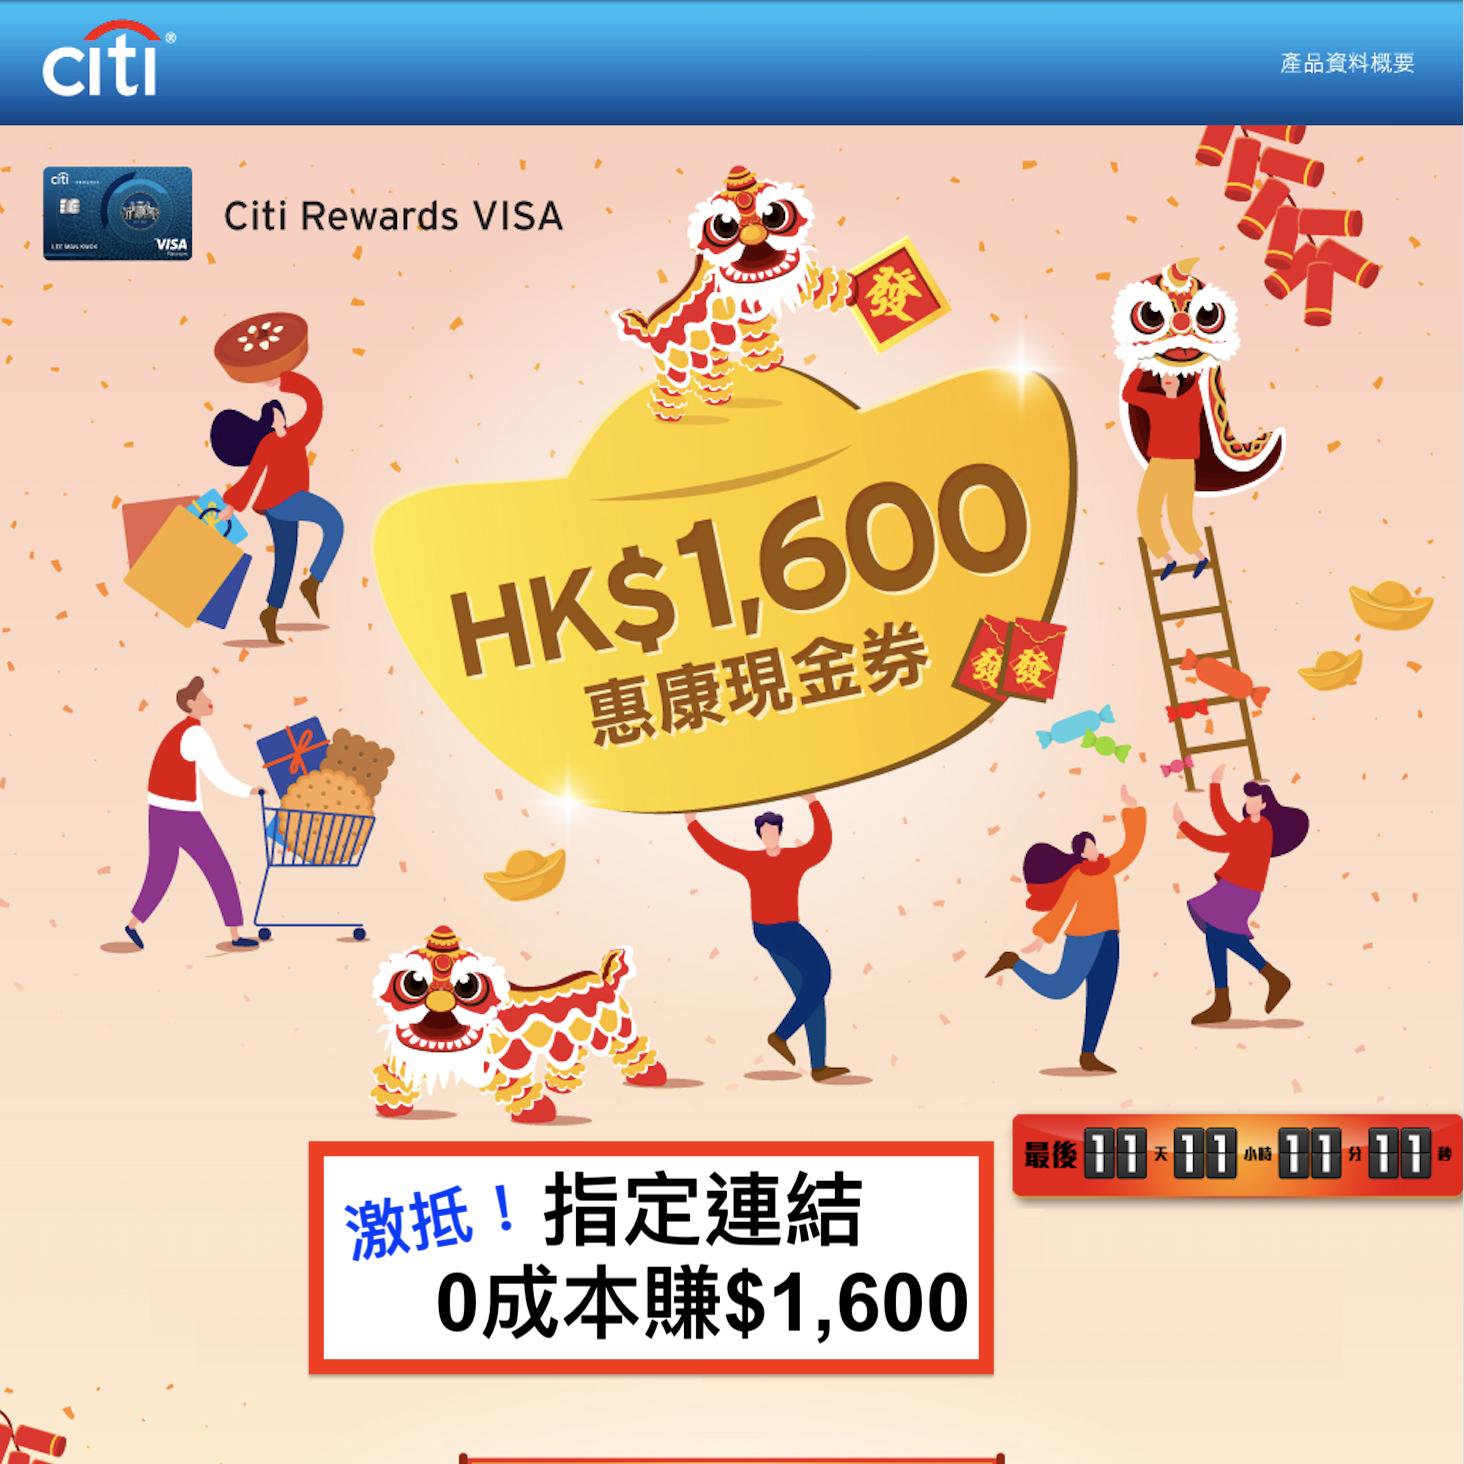 限時優惠!送錢俾你洗!Citi Rewards 零成本賺$1,600惠康!Payme/支付寶/Wechat Pay/八達通都計迎新啊!